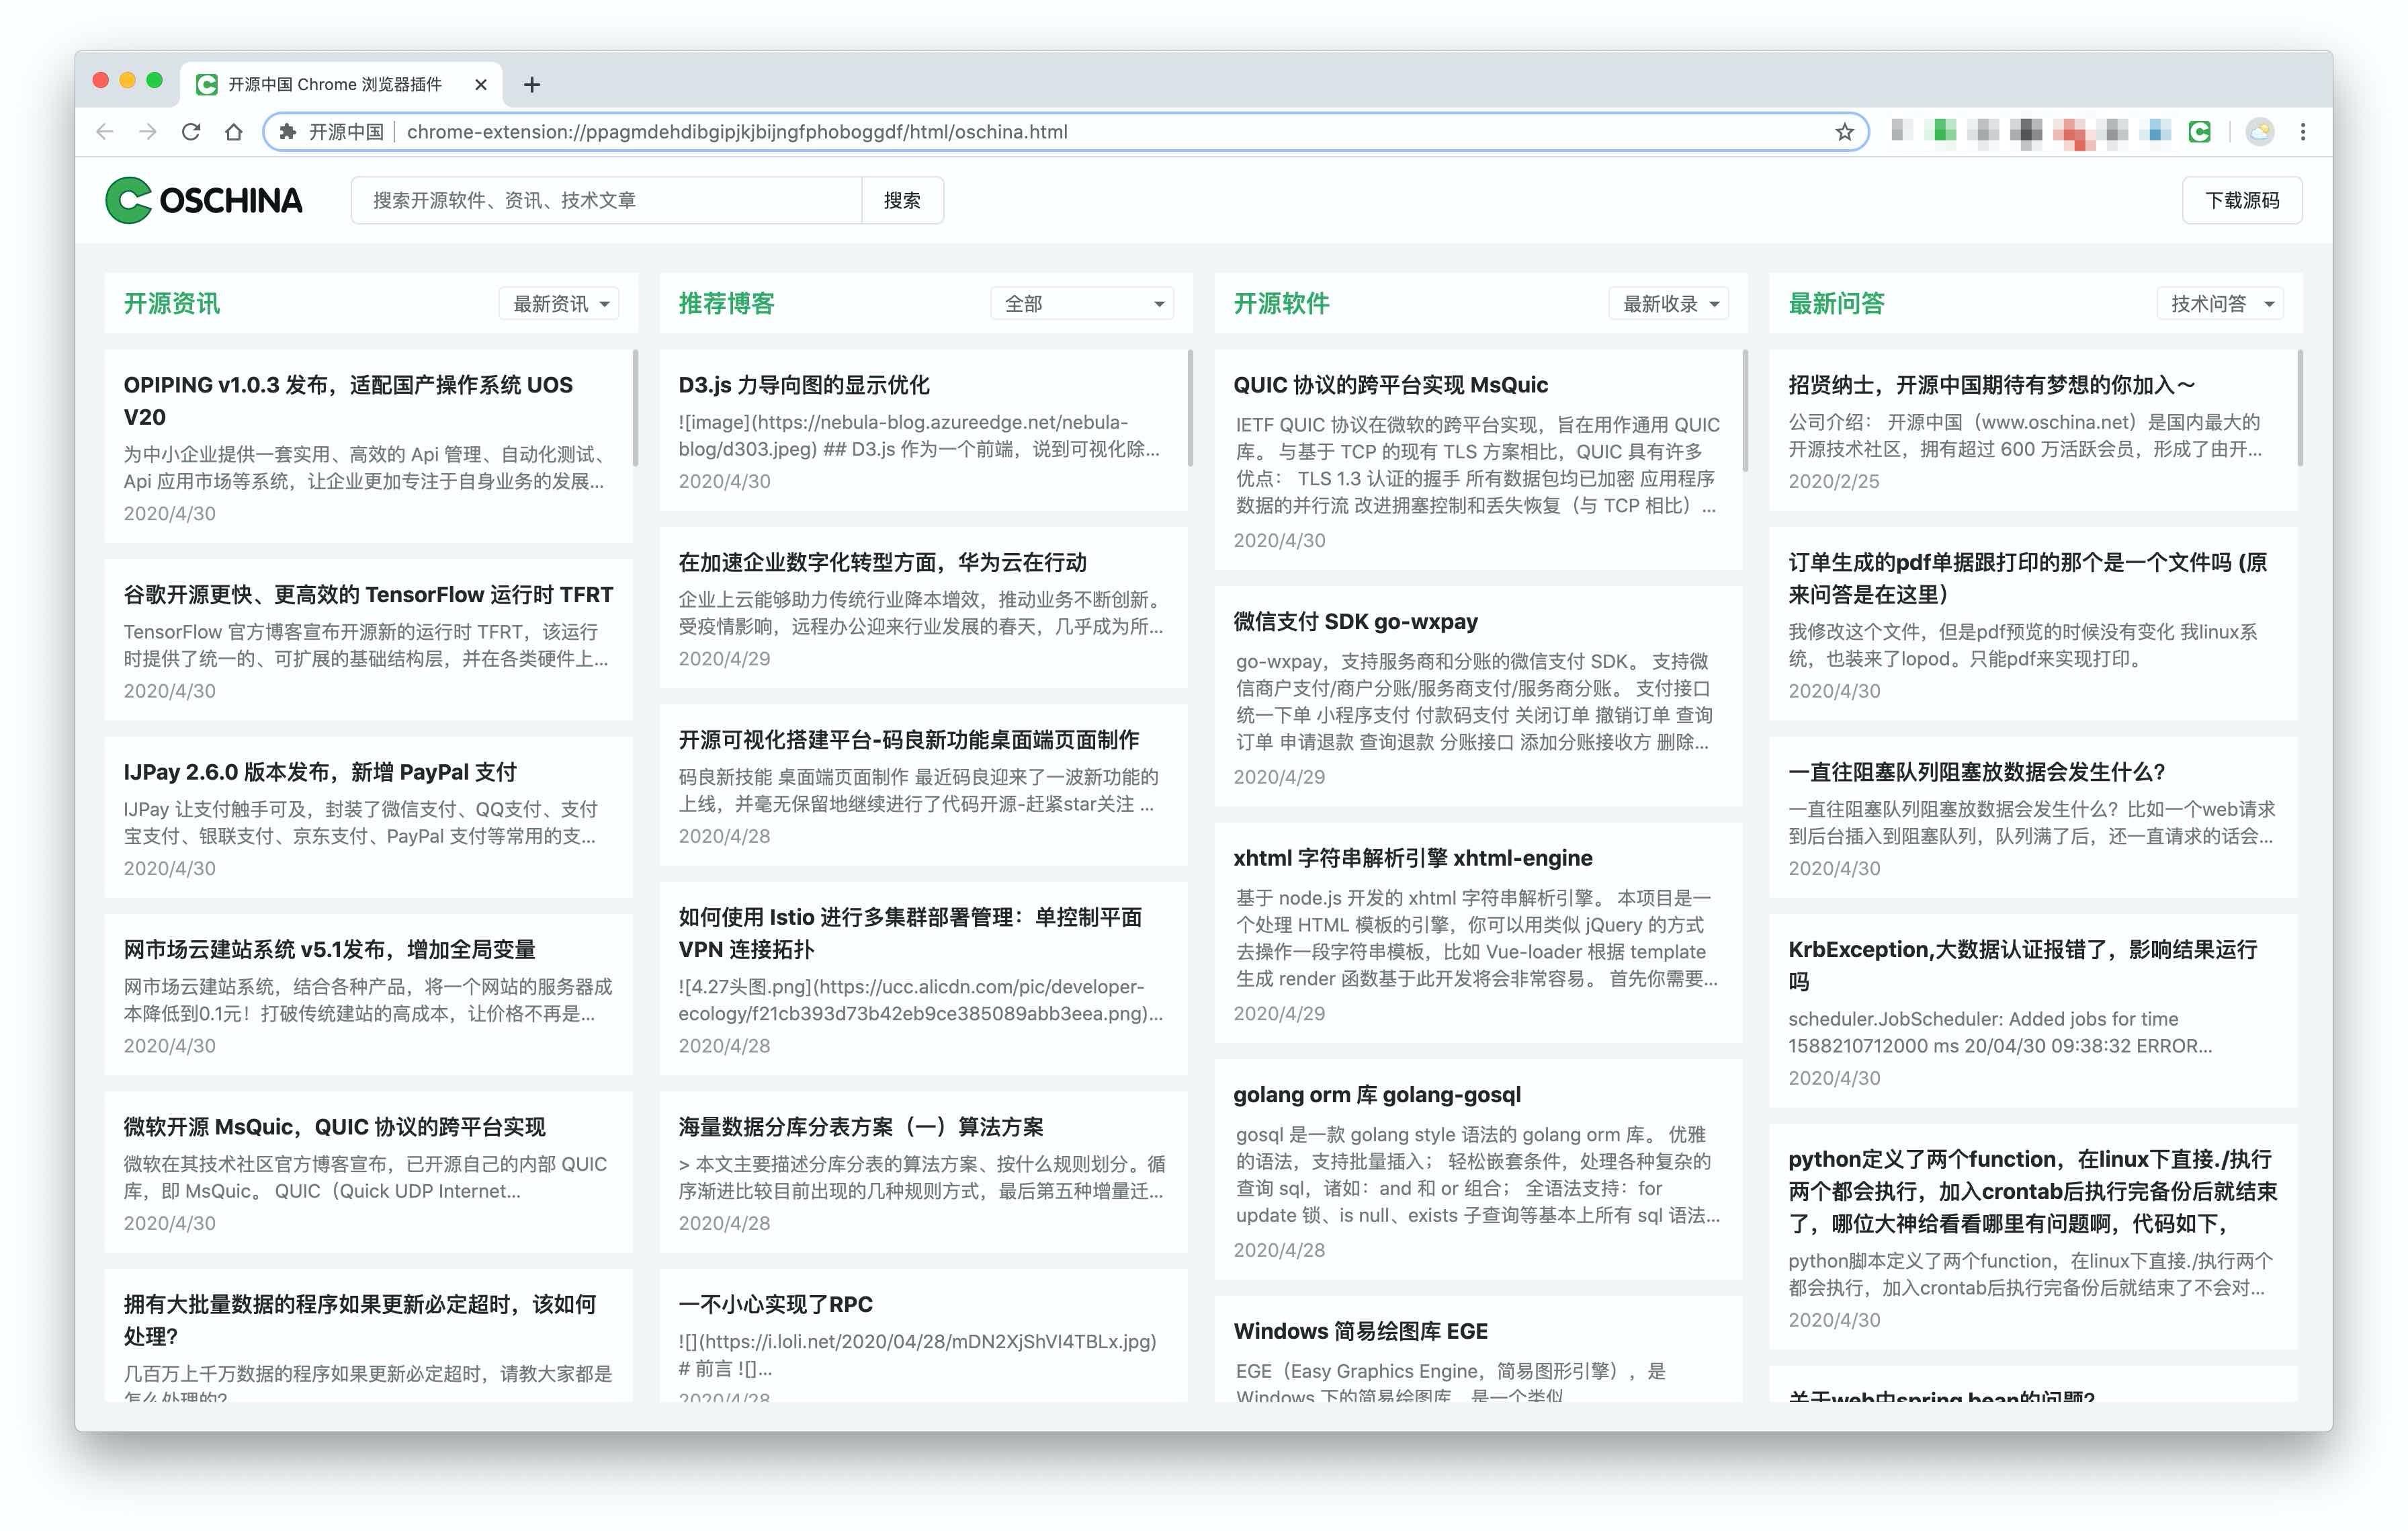 OSCHINA Chrome Extension